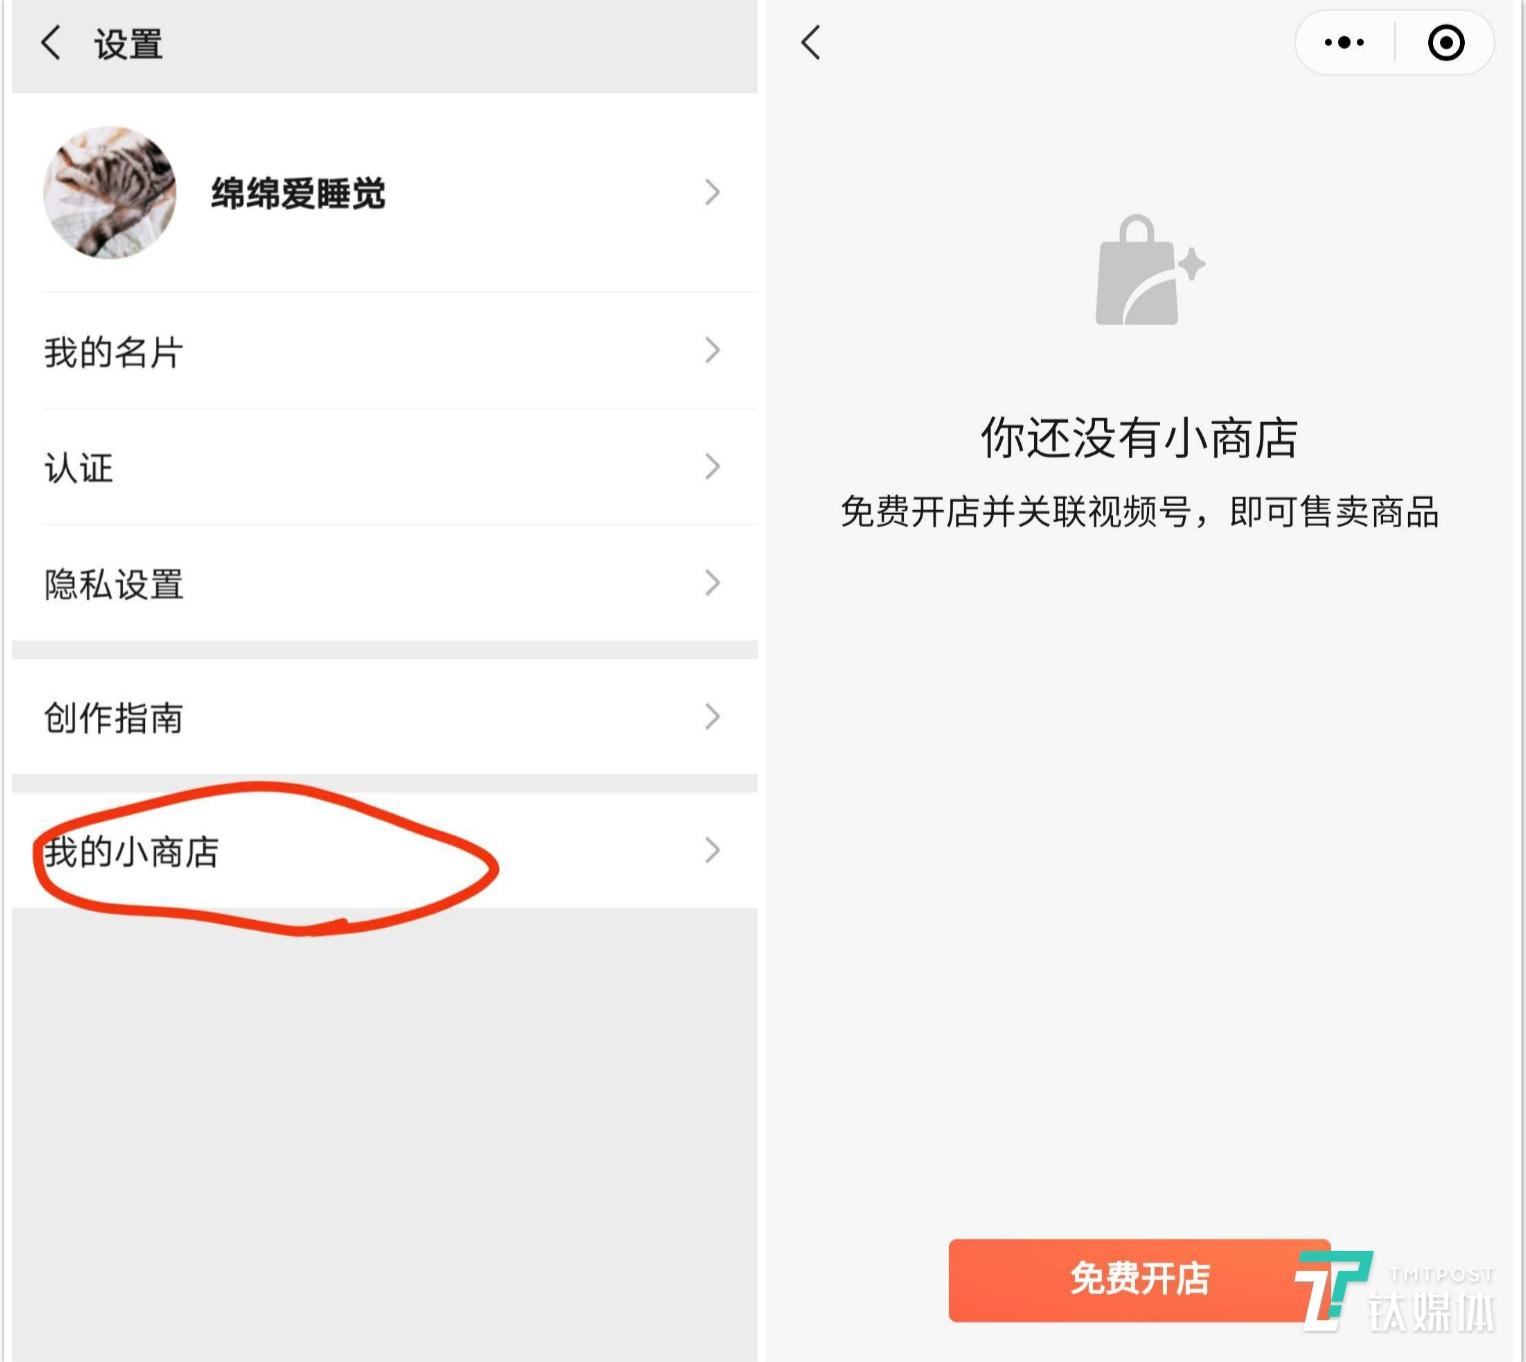 微信视频号打通小商店功能